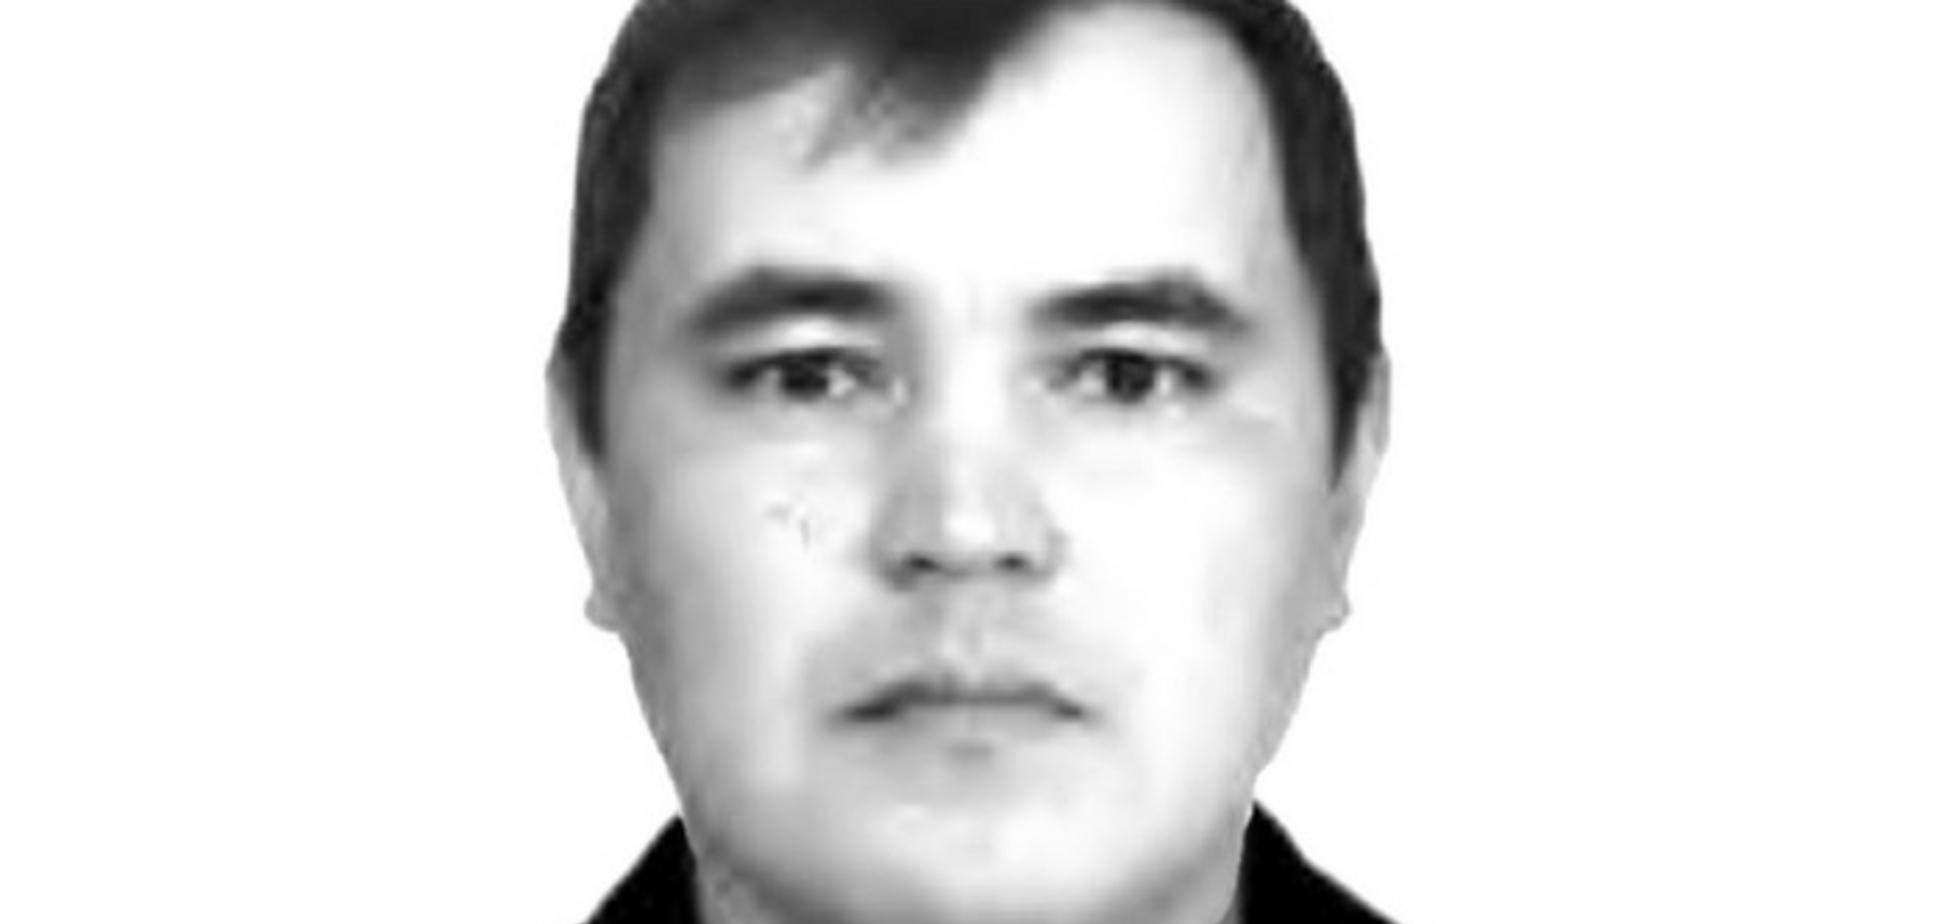 Залякують, шантажують і тиснуть: ФСБ Росії влаштувала нові 'тортури' у Криму